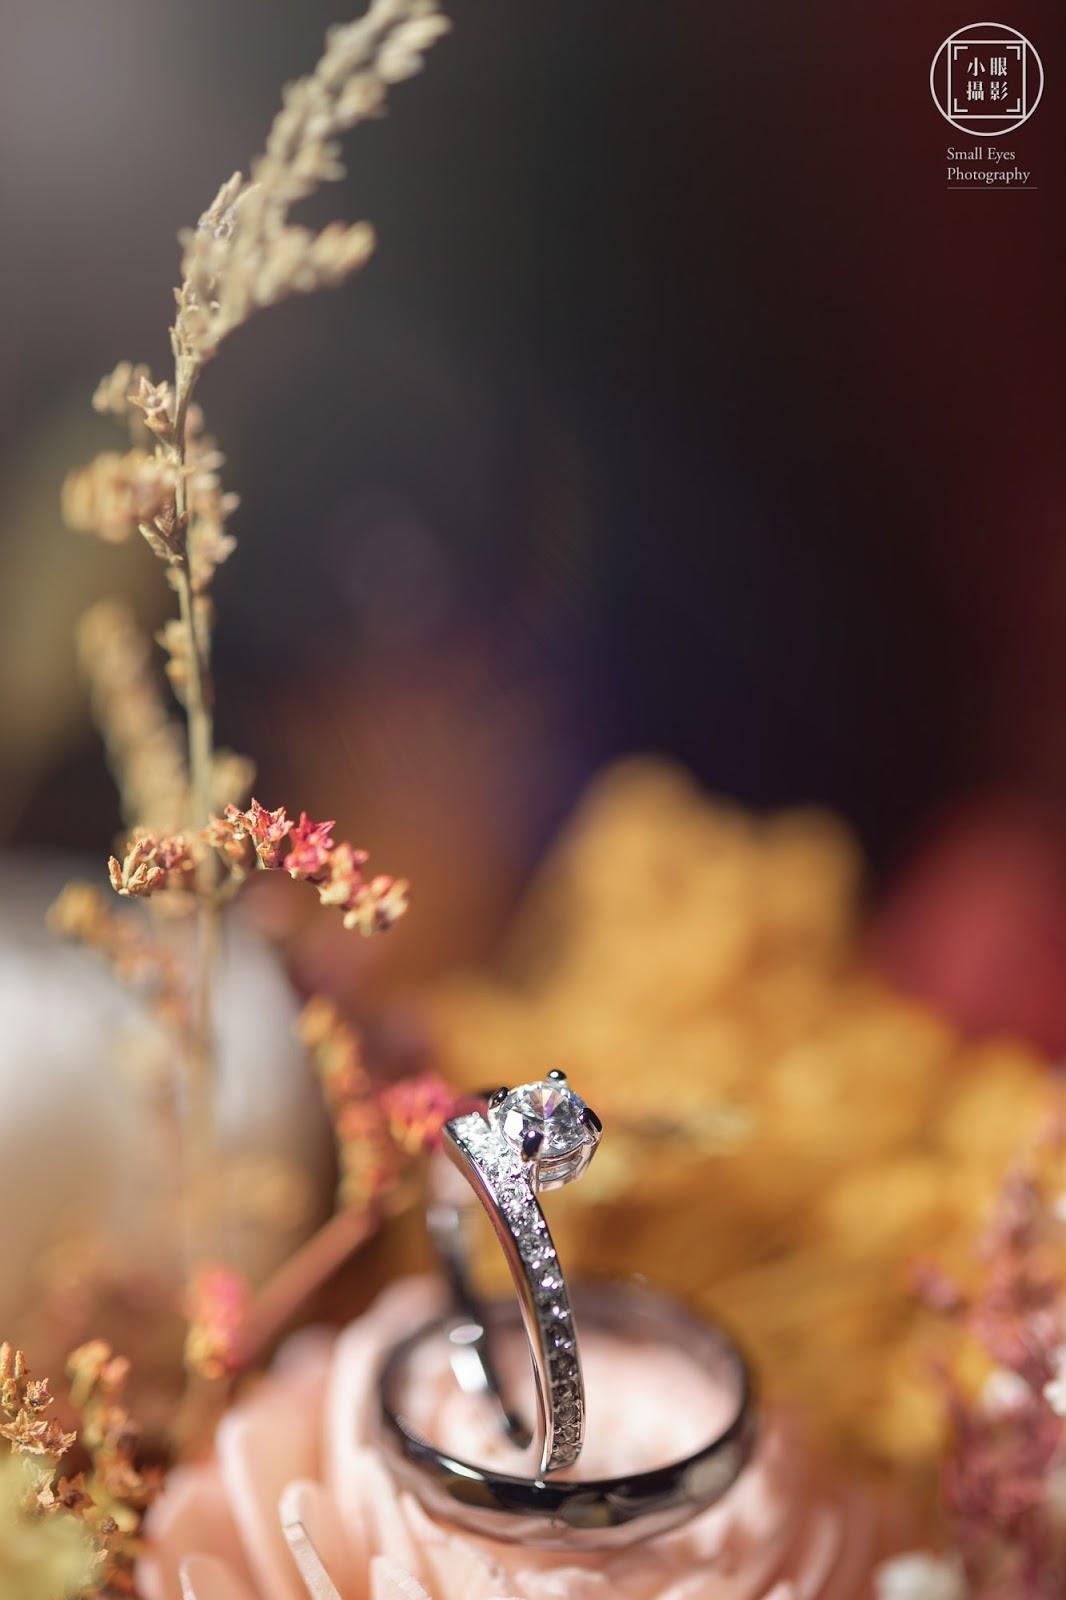 婚攝,婚禮攝影,小眼攝影,婚禮紀實,婚禮紀錄,結婚,婚禮,儀式,文定,文訂,迎娶,闖關,婚紗,國內婚紗,海外婚紗,寫真,婚攝小眼,台北,自主婚紗,自助婚紗,亞都麗緻飯店